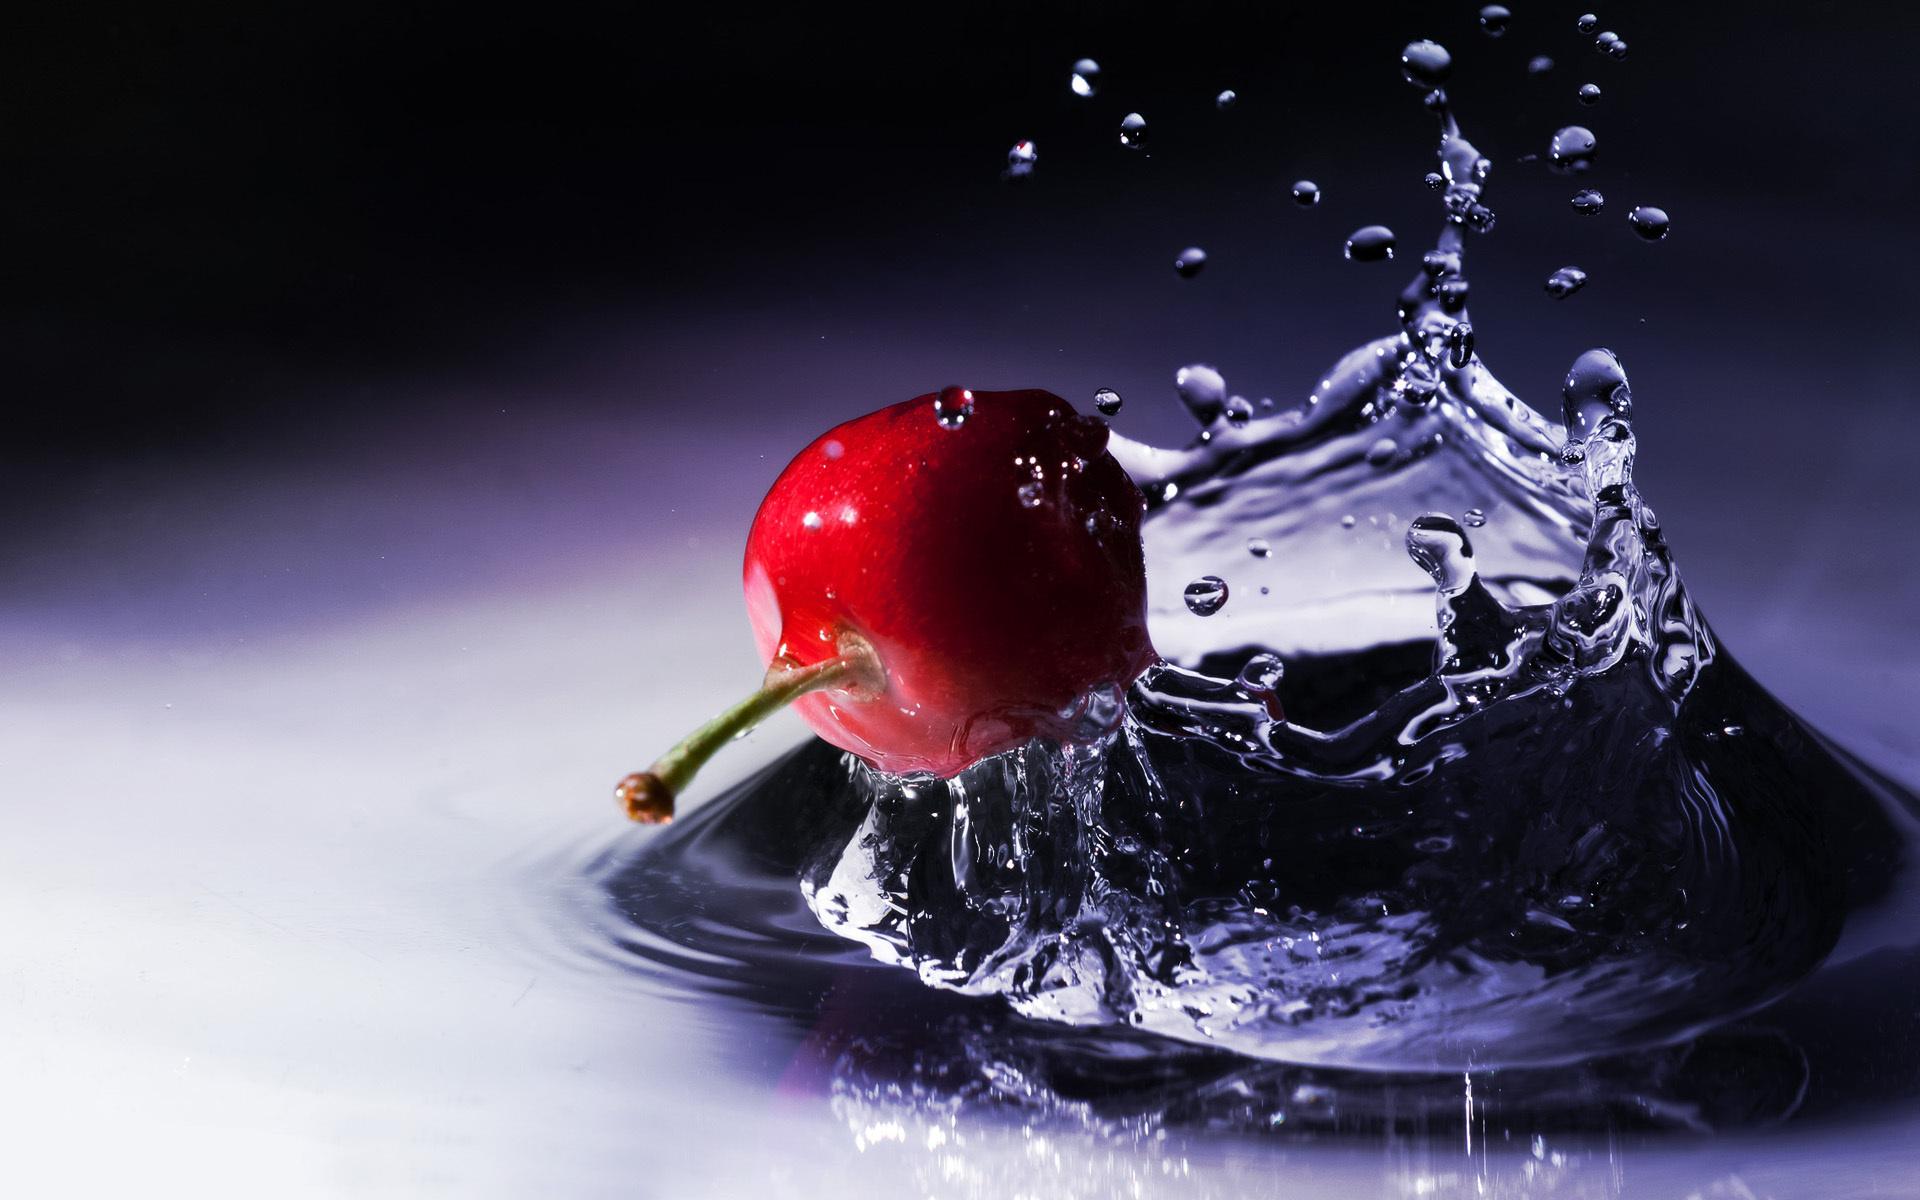 обои ягода, вишня, хвостик, вода картинки фото